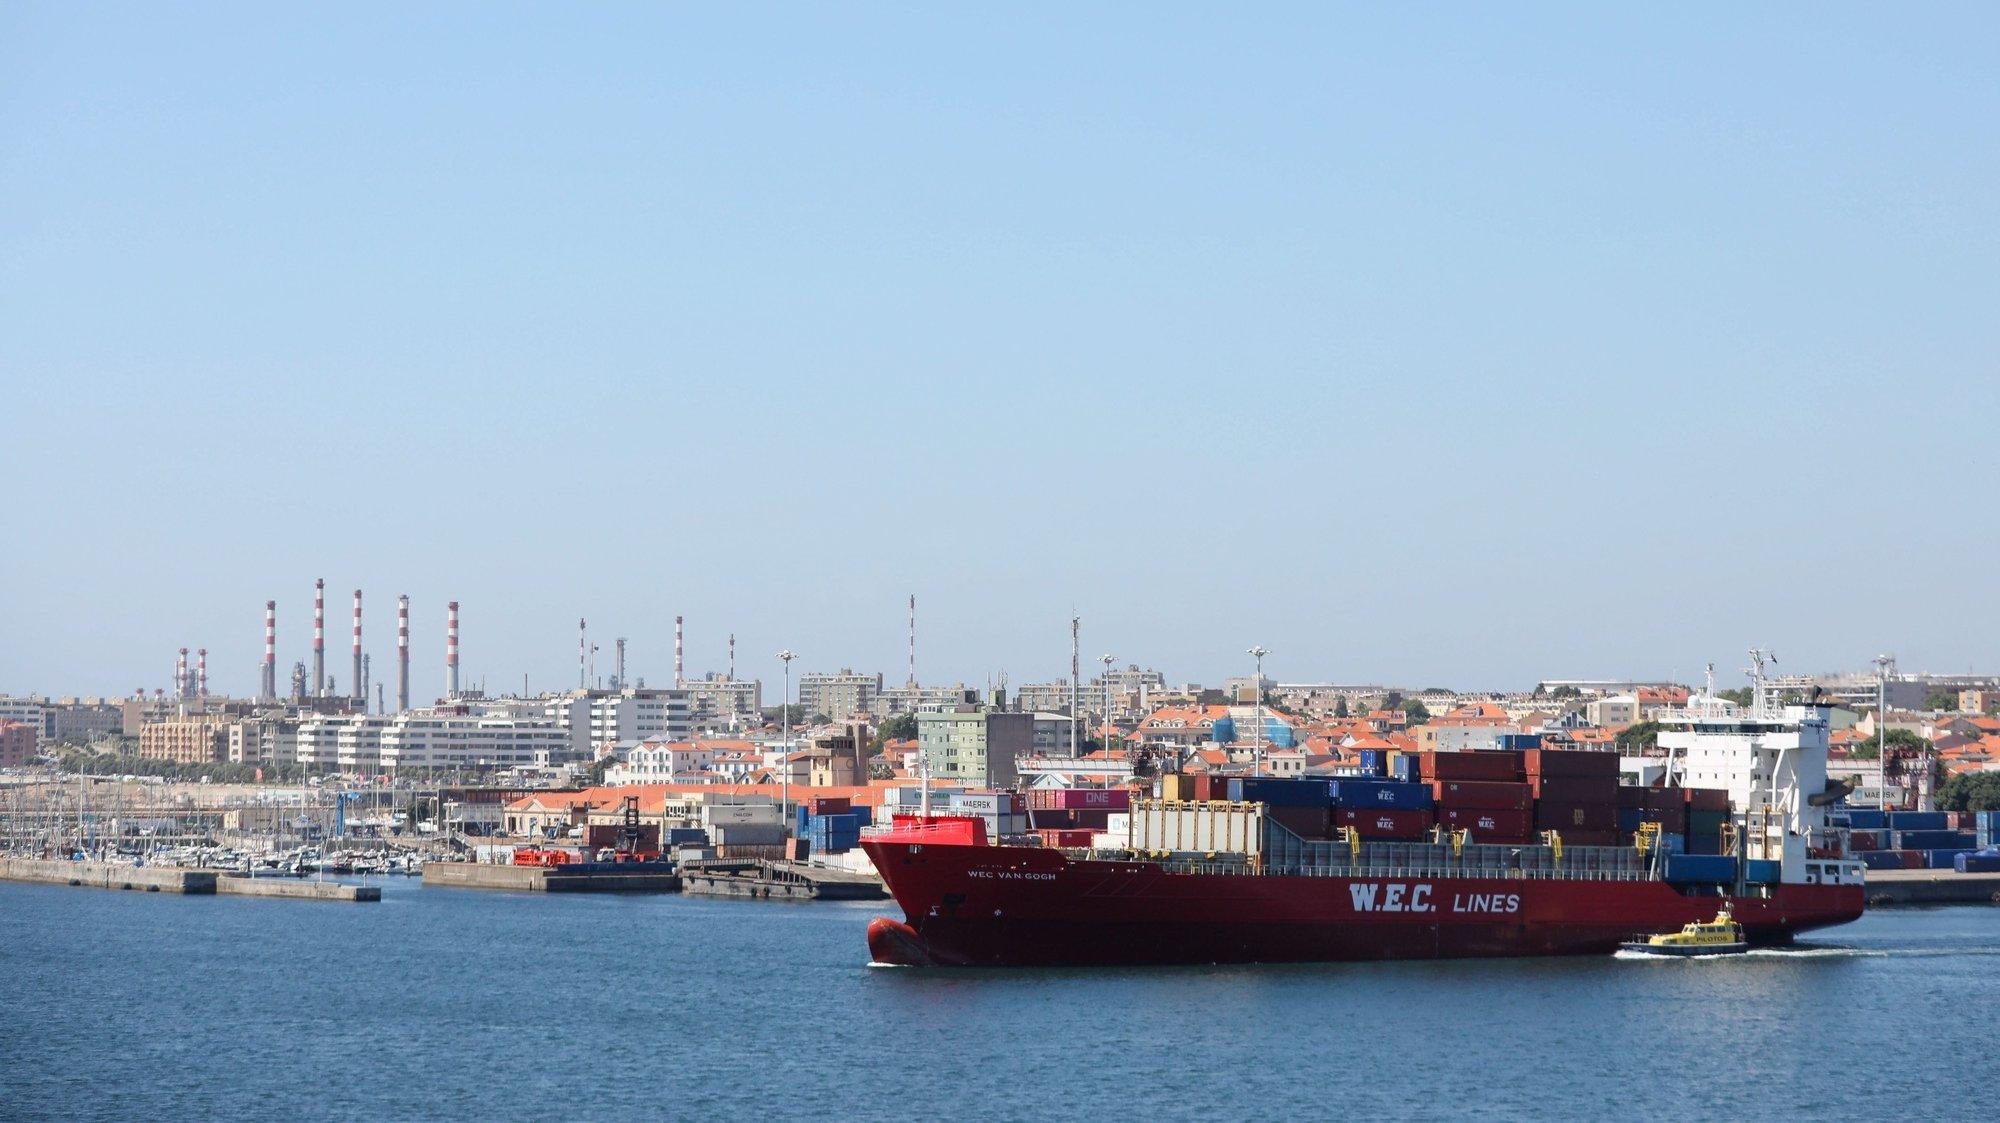 Vista de um barco a sair do Terminal de Contentores do Porto de Leixões, Matosinhos, 18 de junho de 2020. JOSÉ COELHO/LUSA